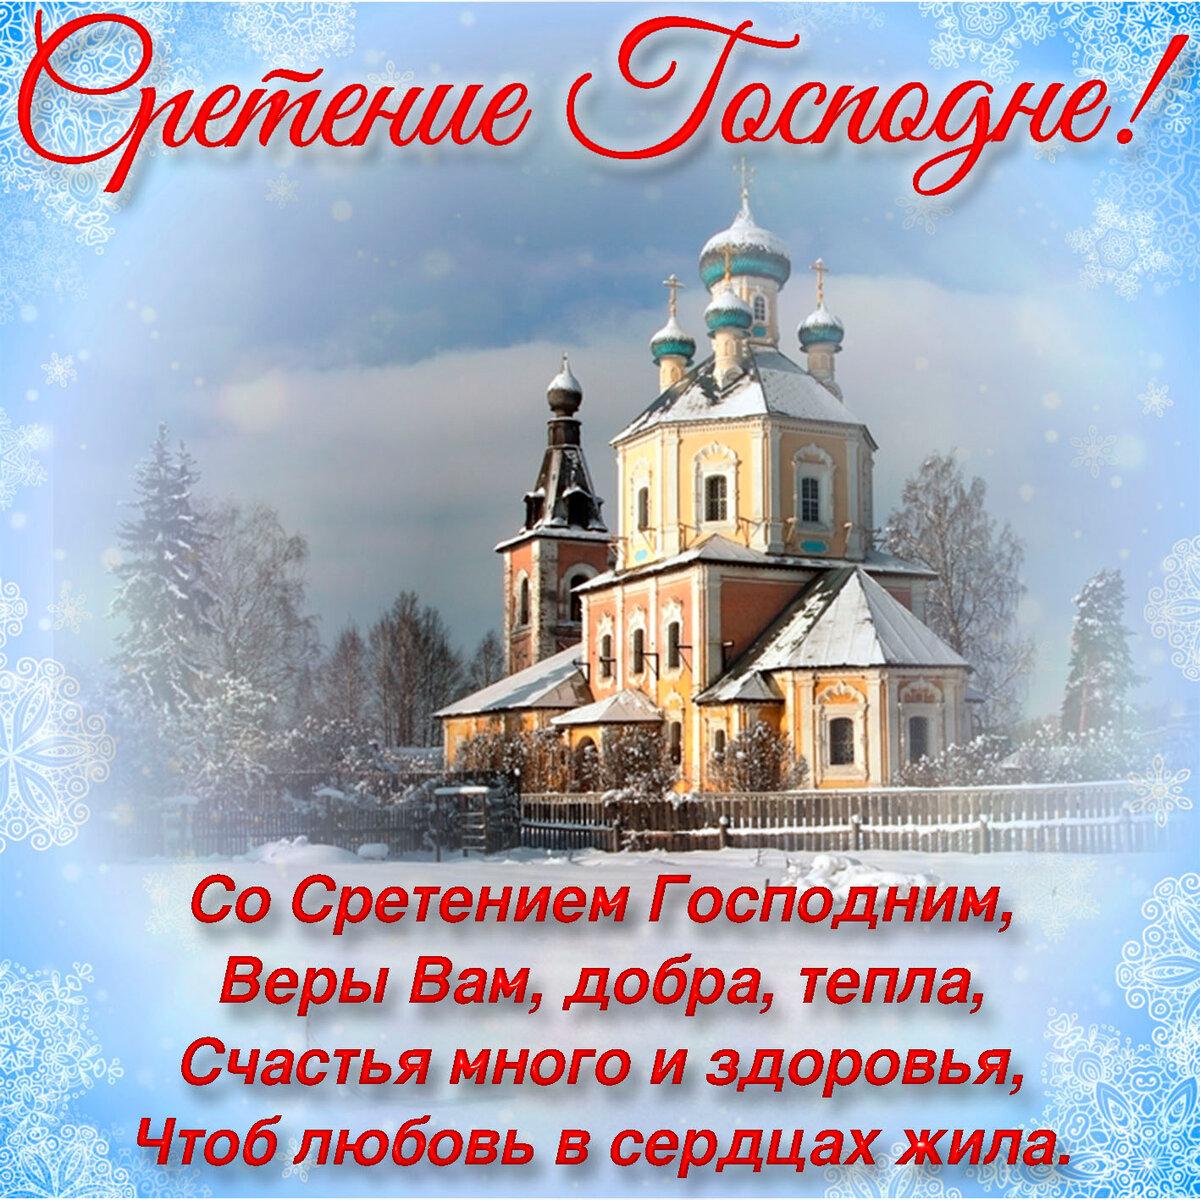 Стихи с поздравлениями к праздниками